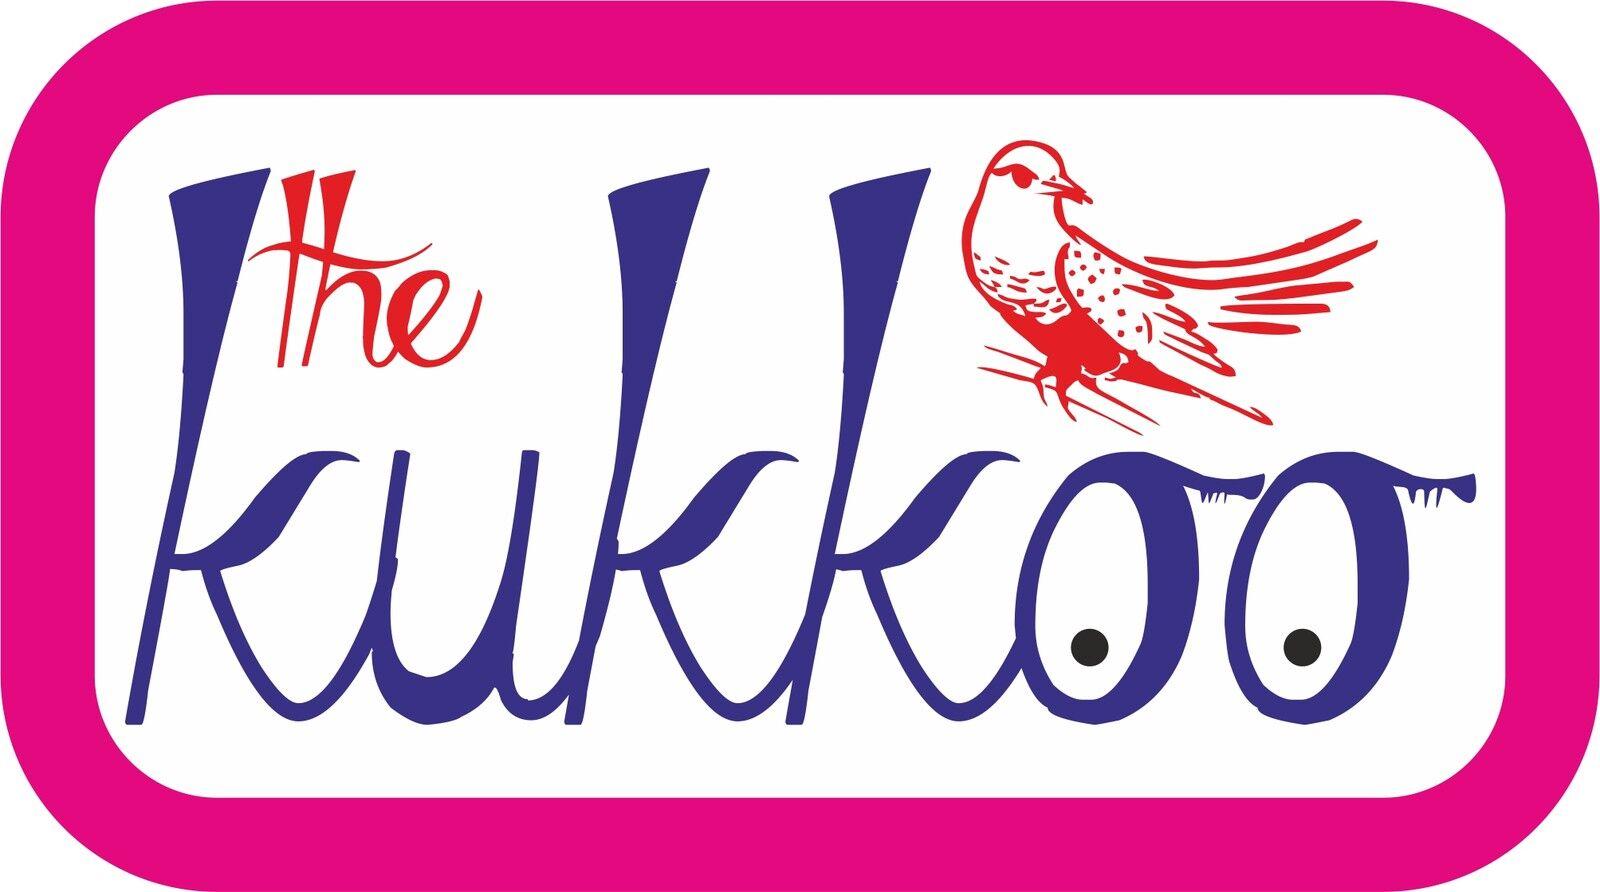 The Kukkoo